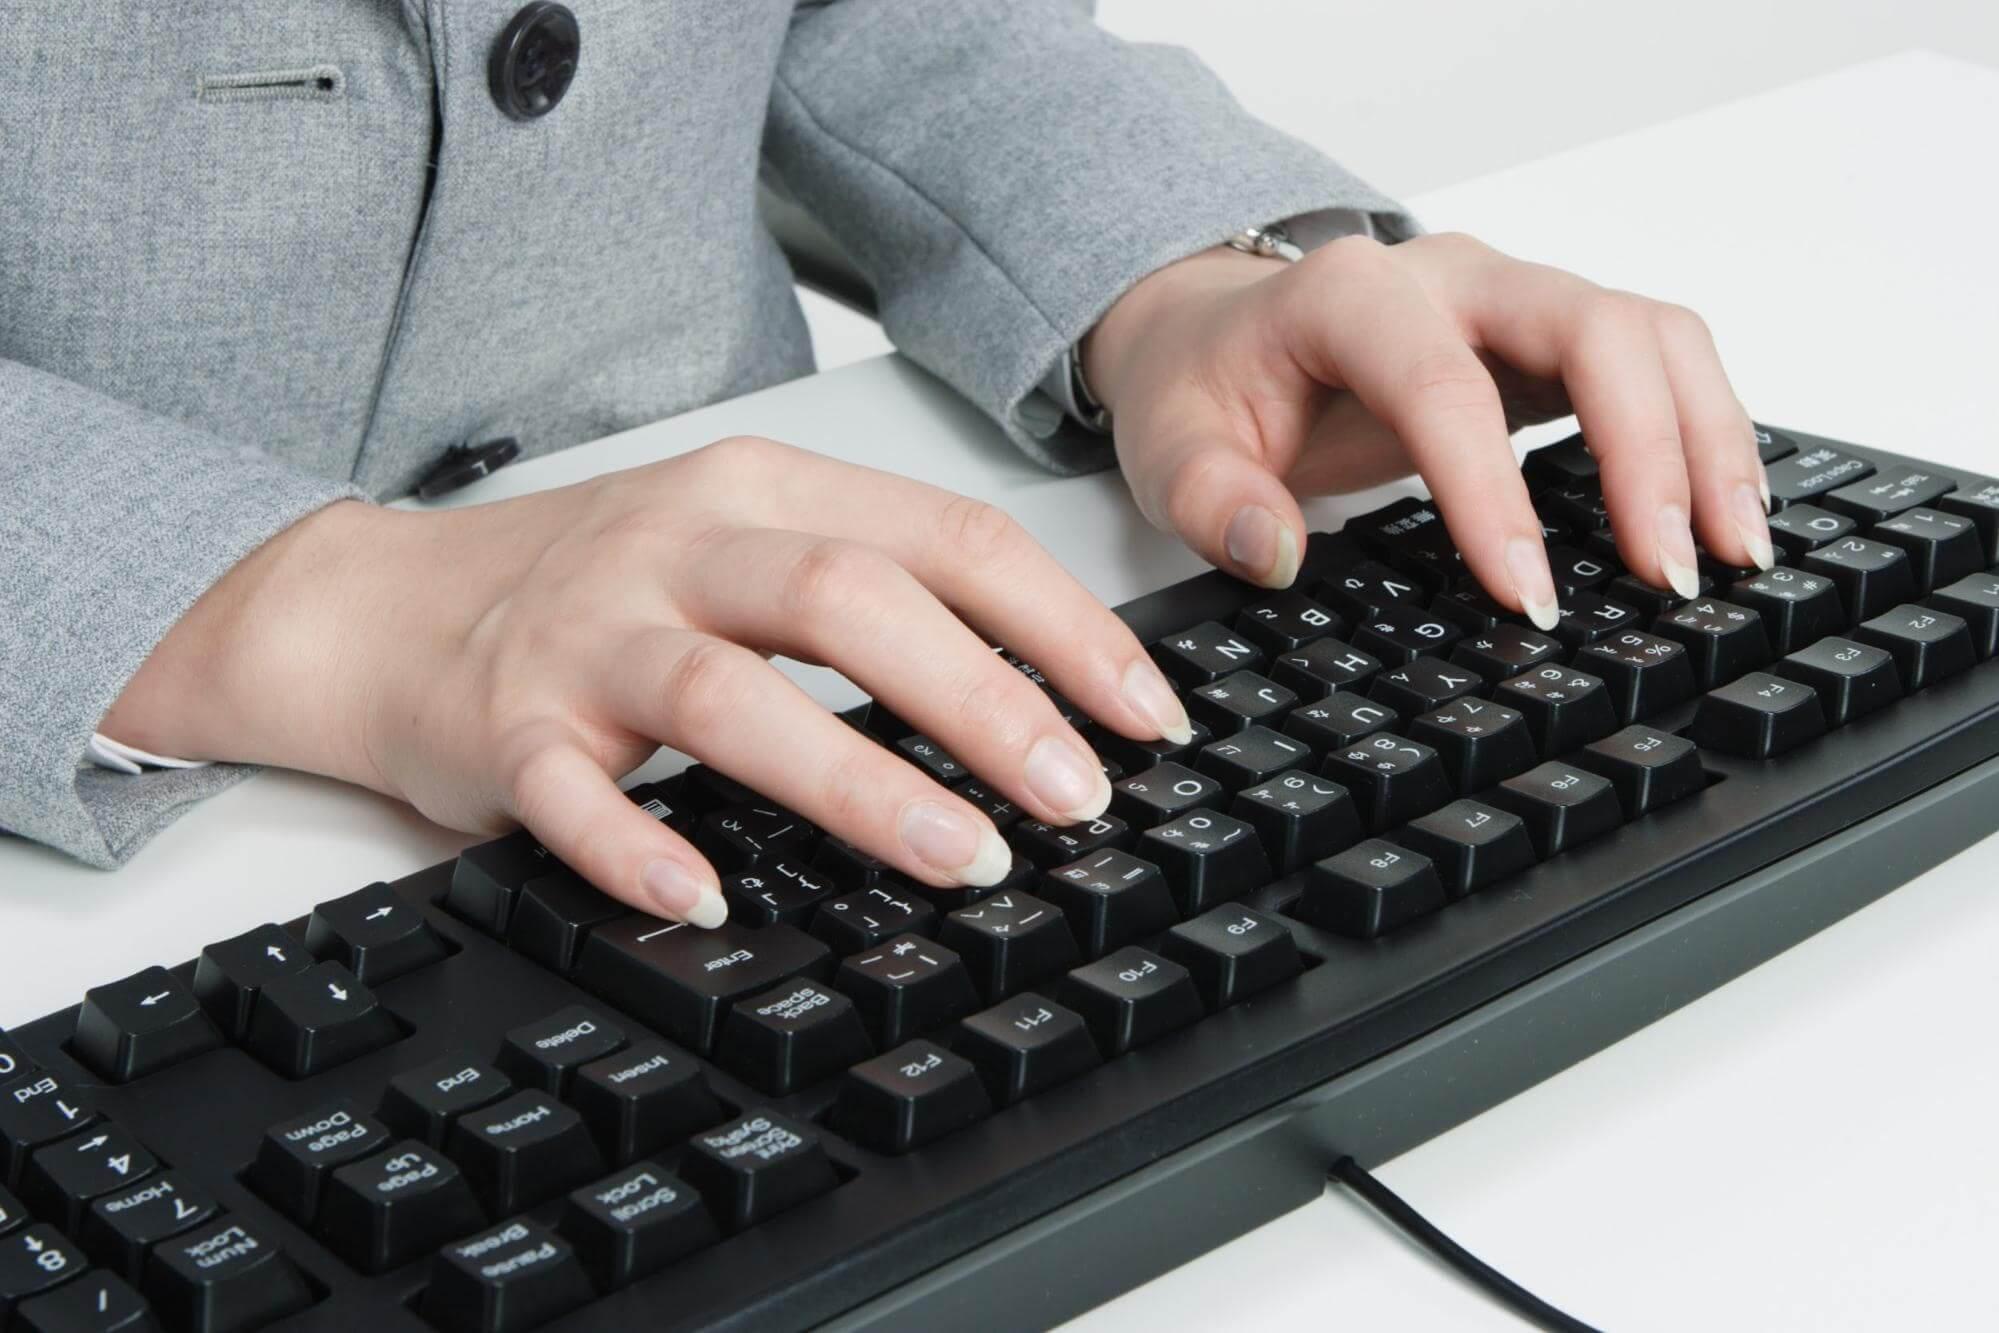 パソコンのキーボードを打つ男性